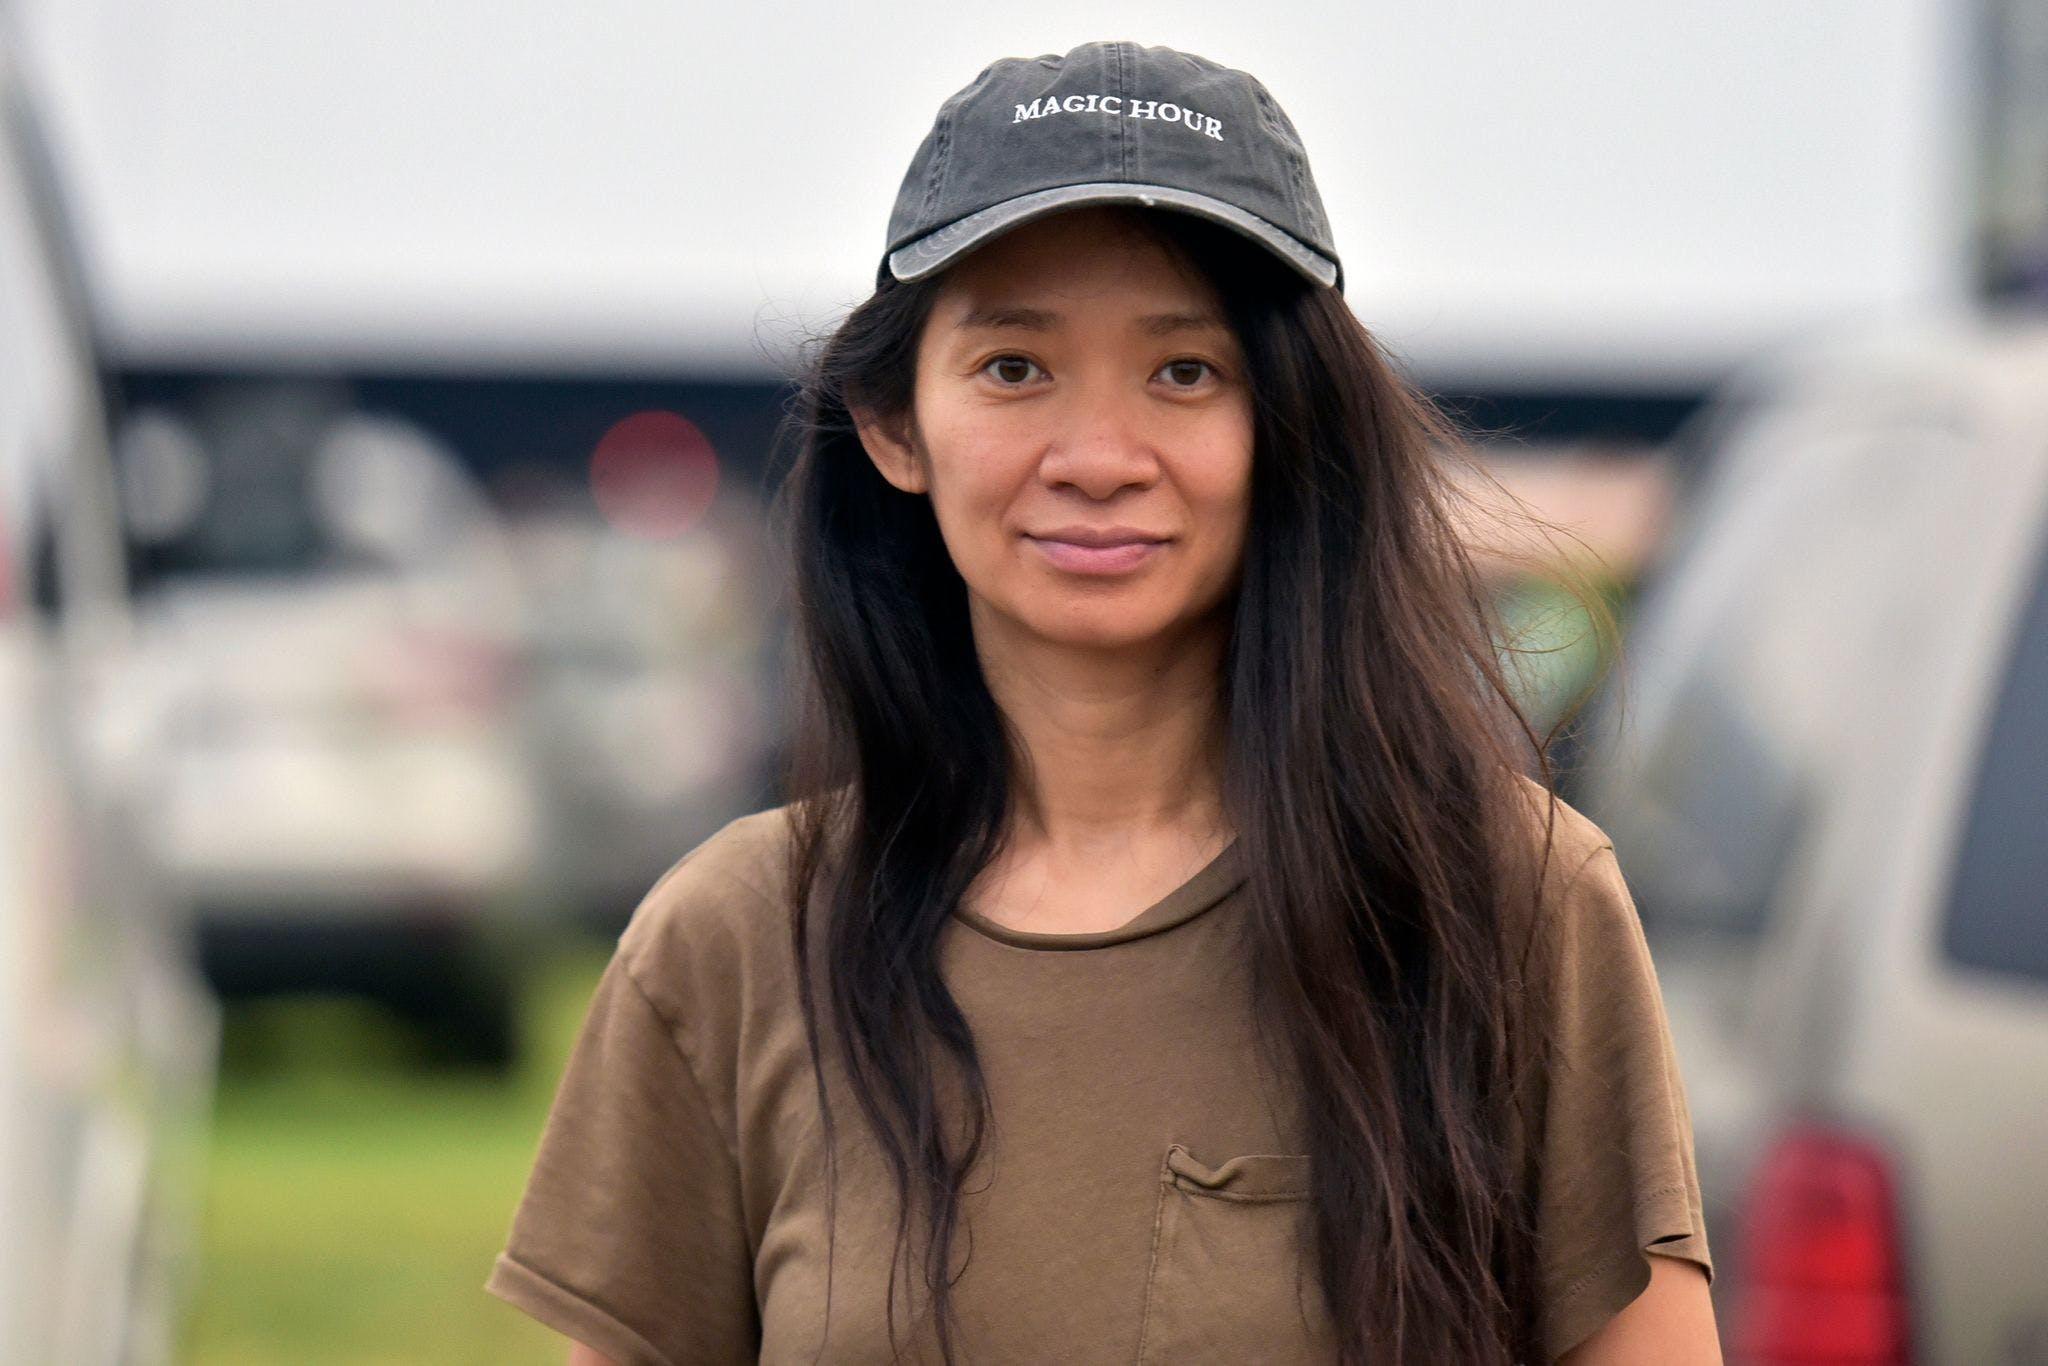 Regisseurin Chloé Zhao ist in vier Kategorien nominiert. Gewinnt sie in allen,zieht sie mit dem bisherigen Rekordhalter Walt Disney gleich.